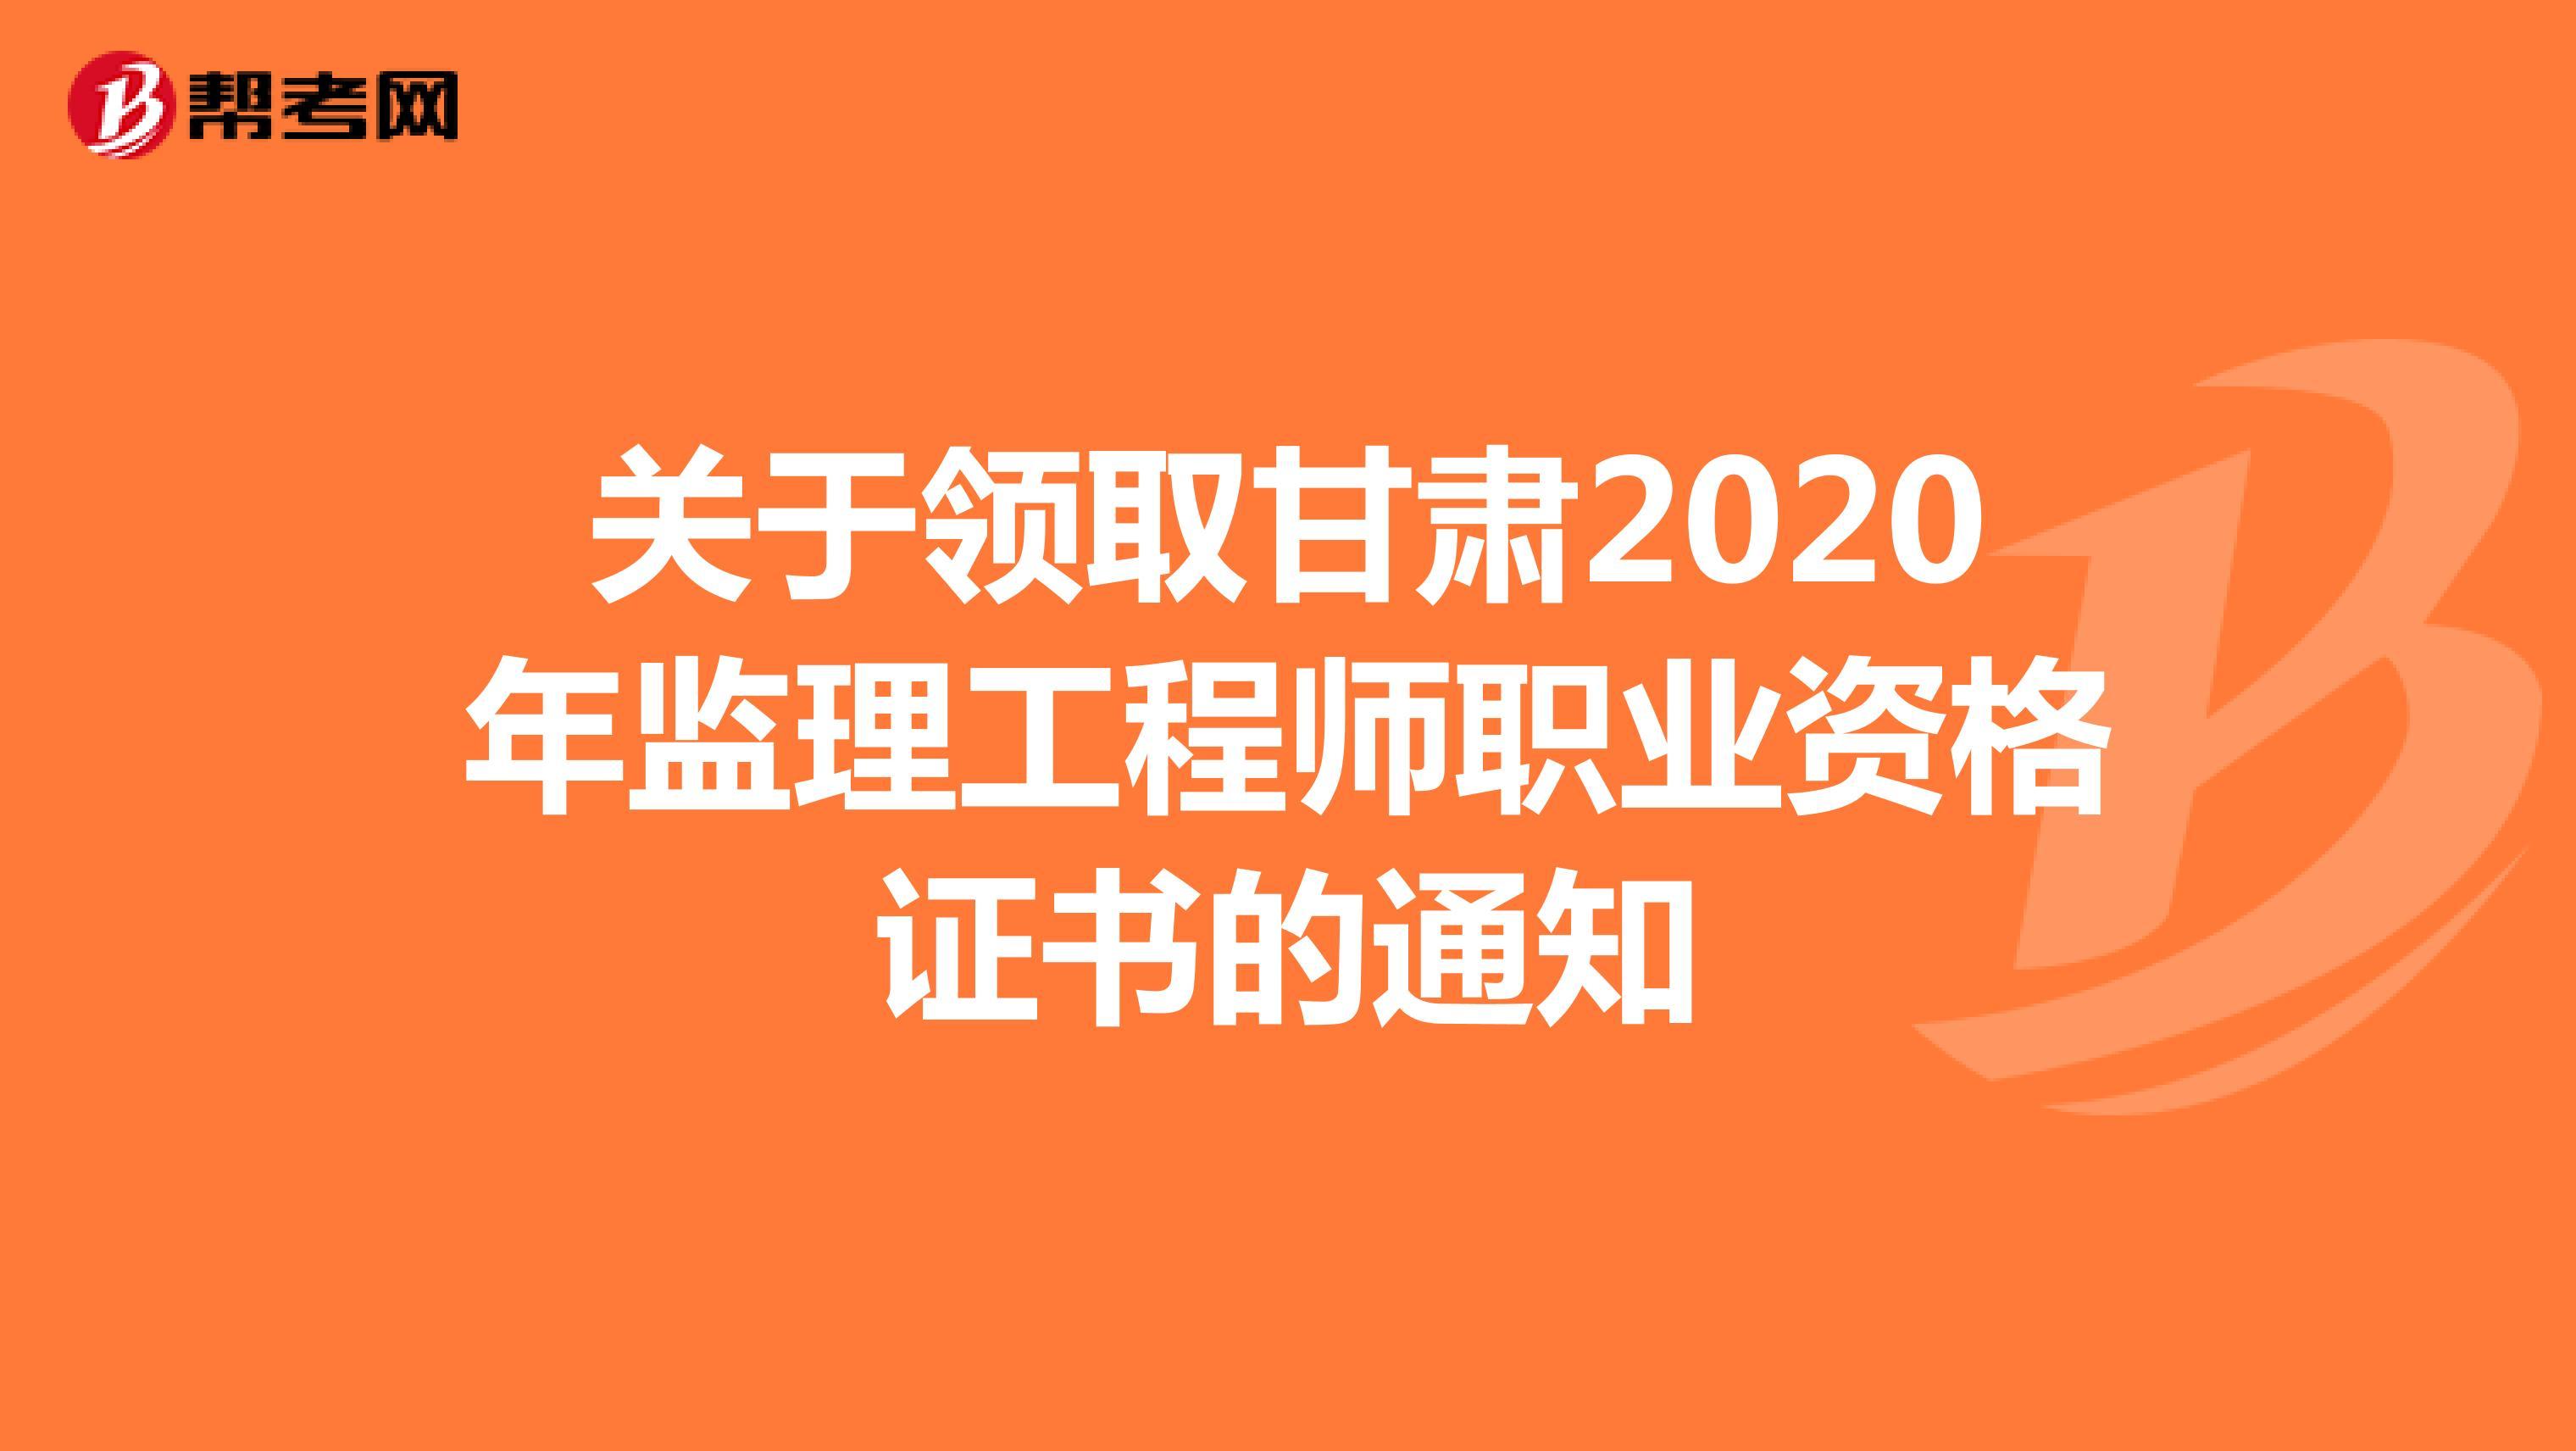 關于領取甘肅2020年監理工程師職業資格證書的通知